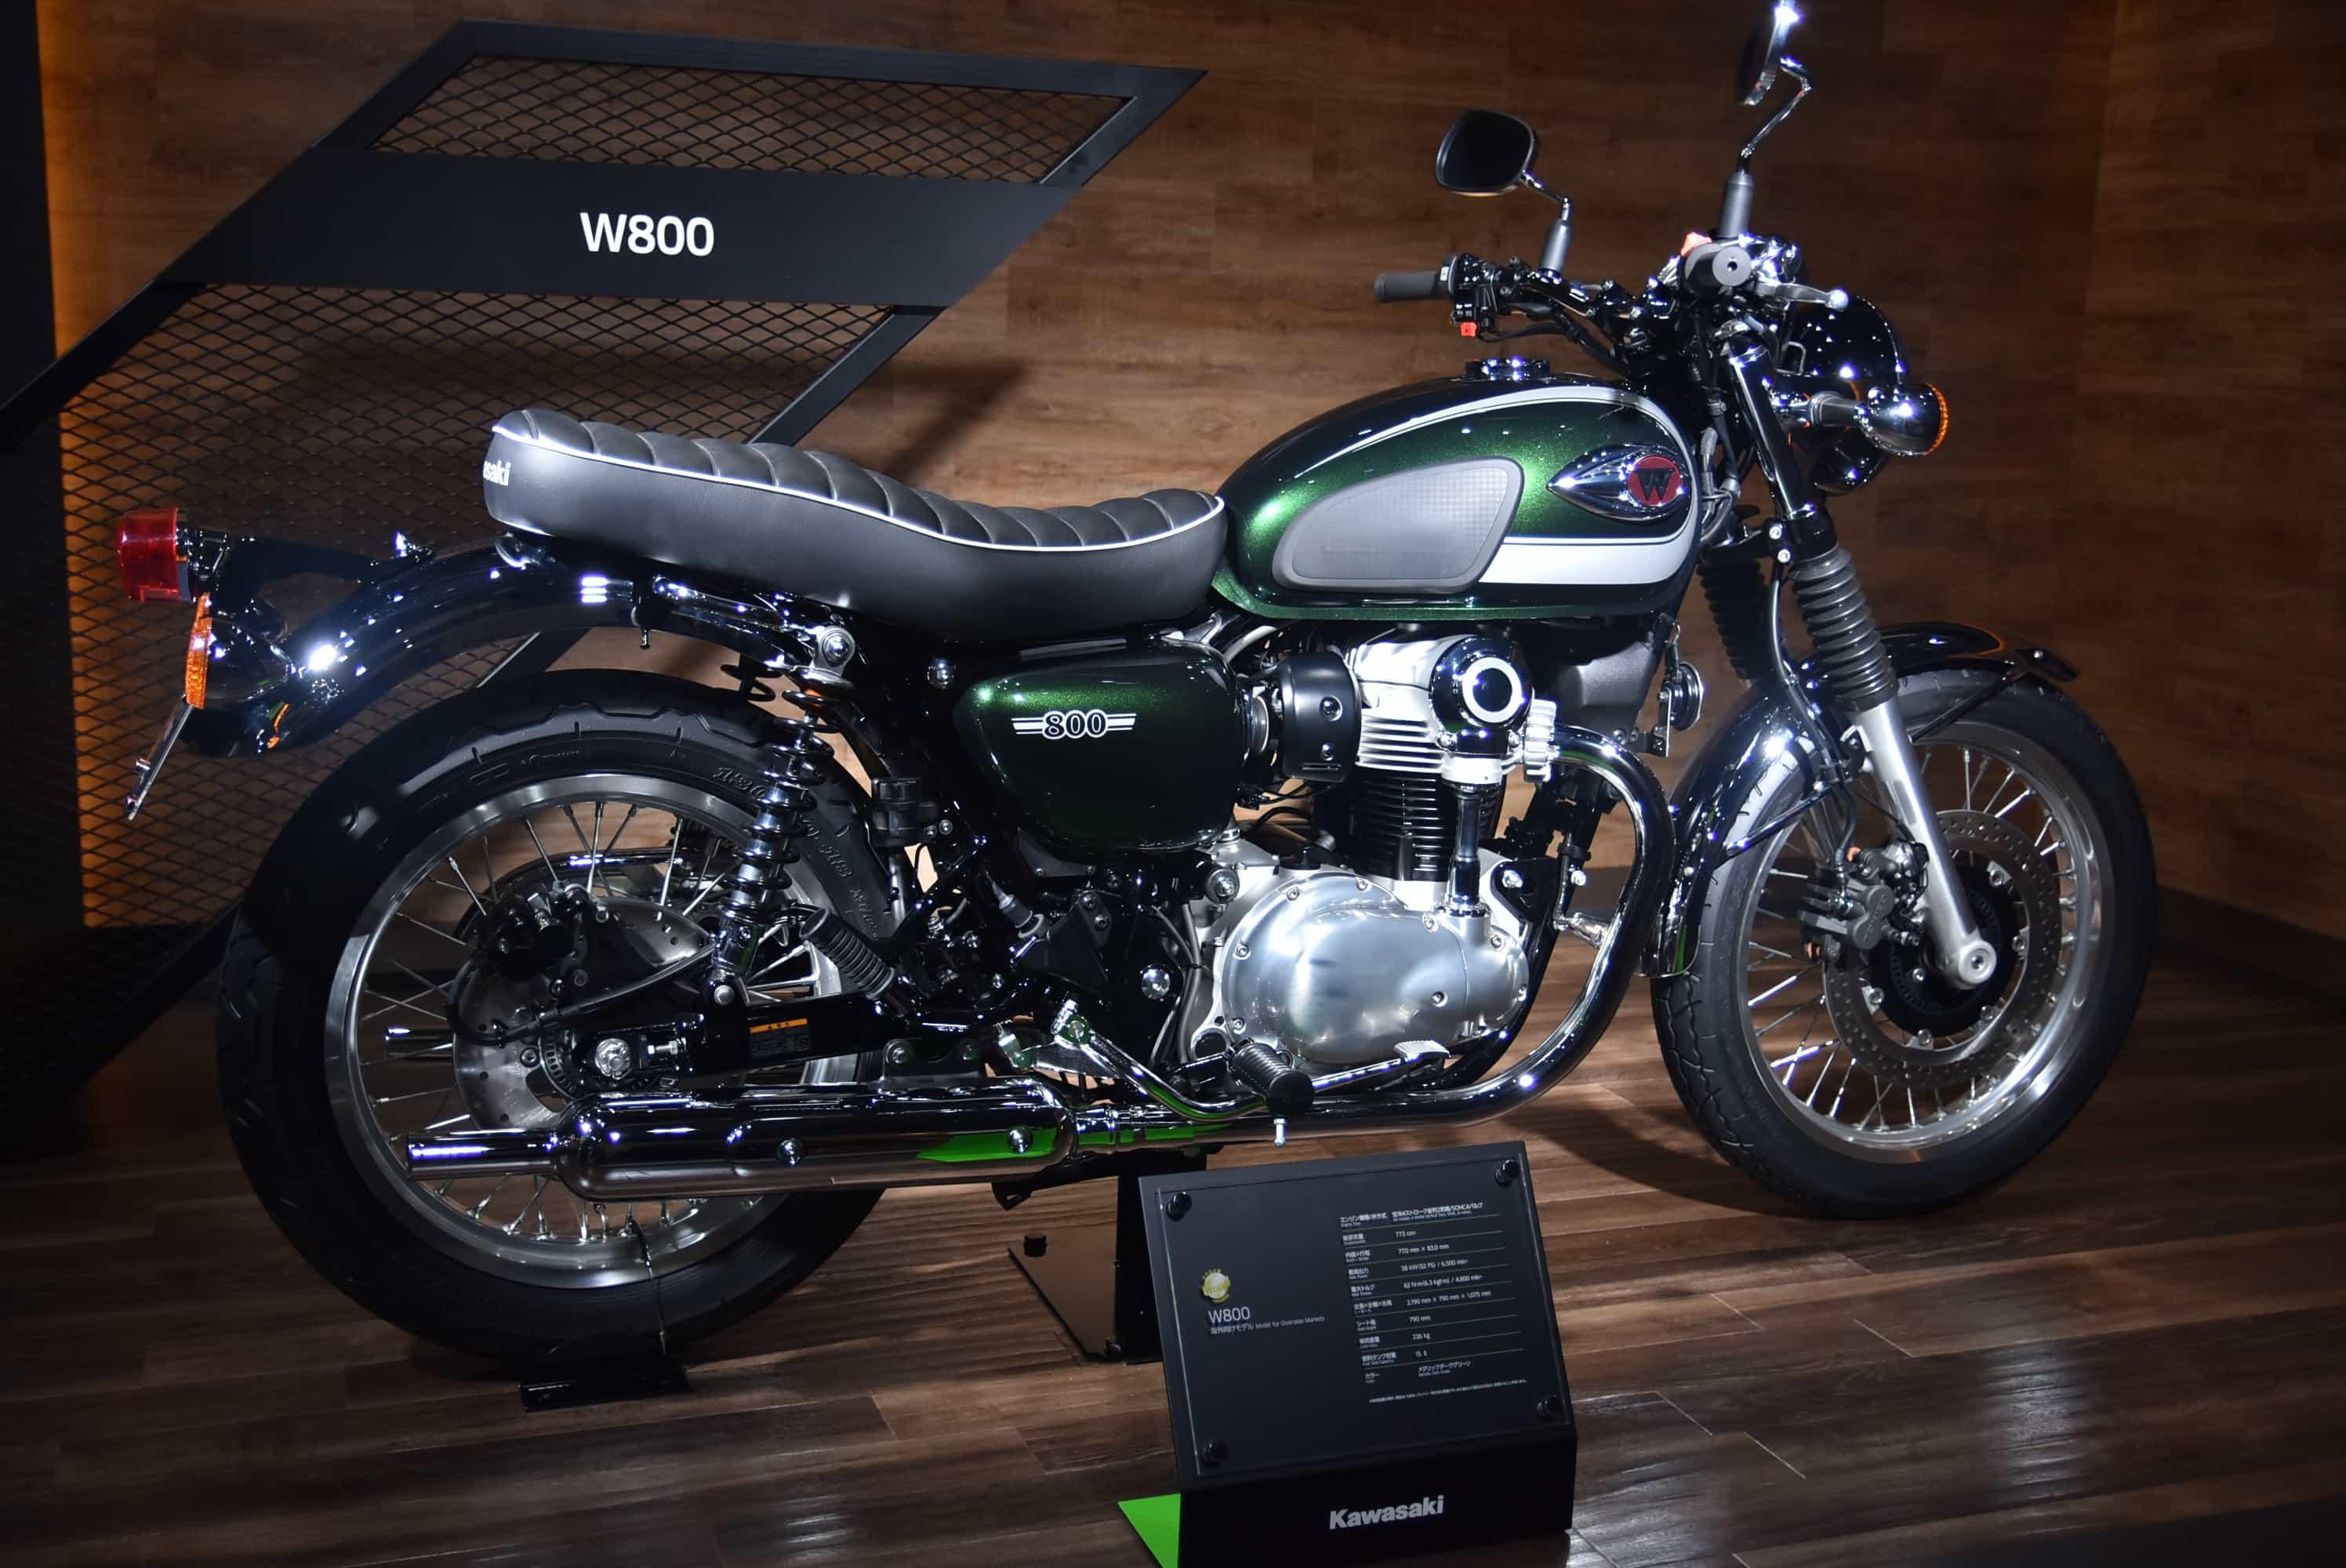 カワサキ 東京モーターショーでW800を発表